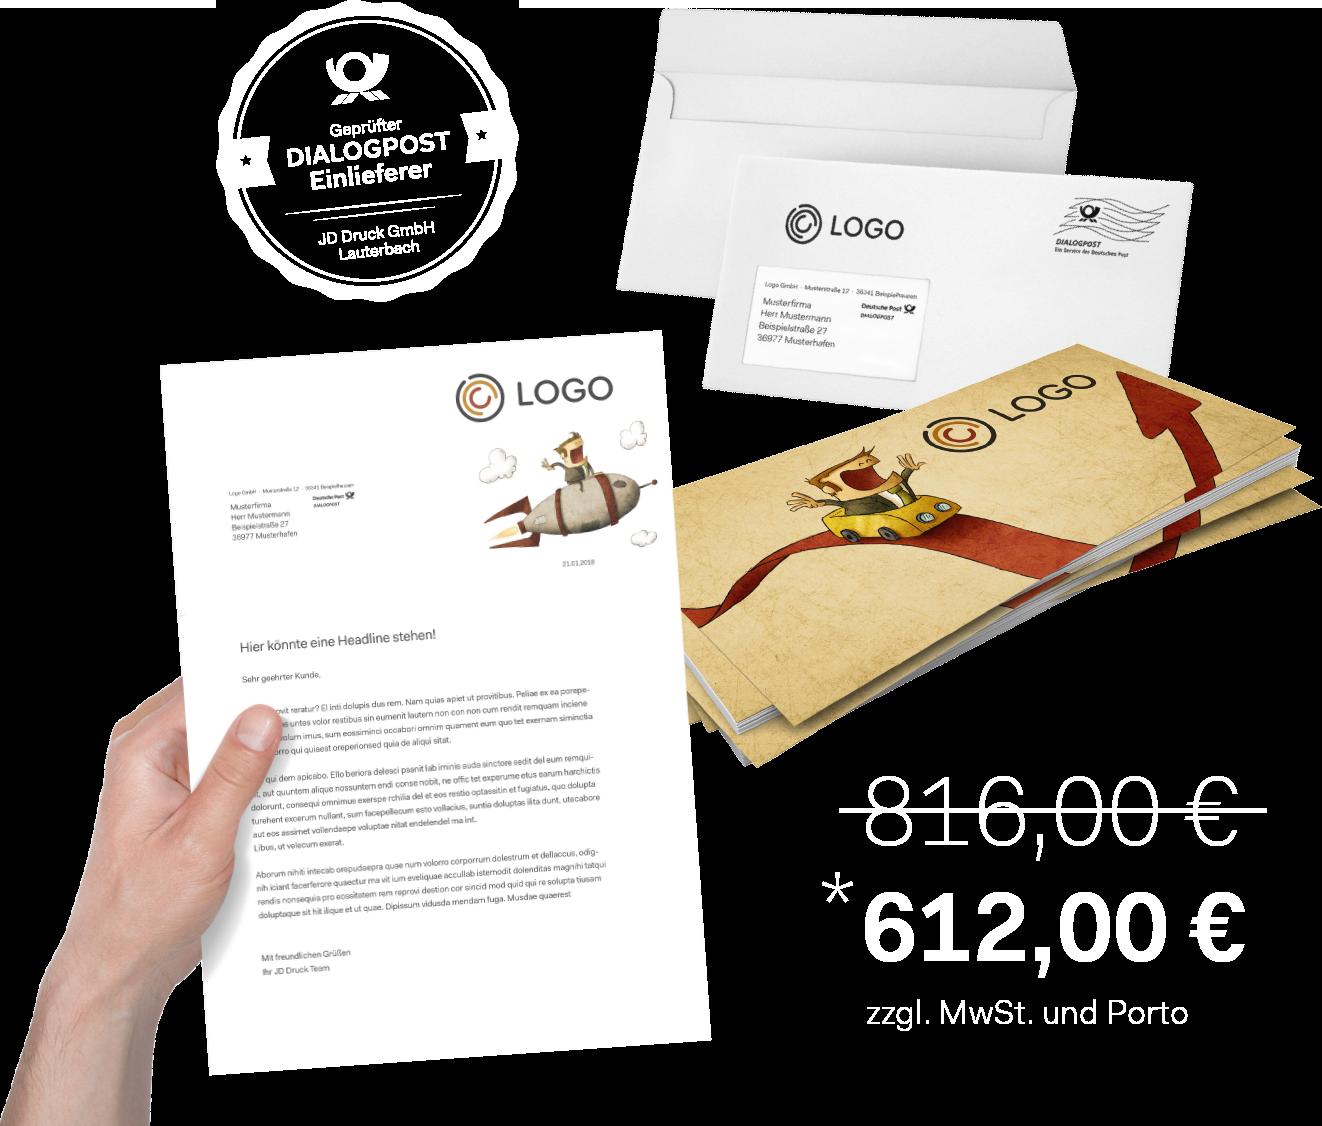 Digitaldruck / Lettershop Preisbeispiel DIN Lang Flyer, Briefpapier und Umschlag